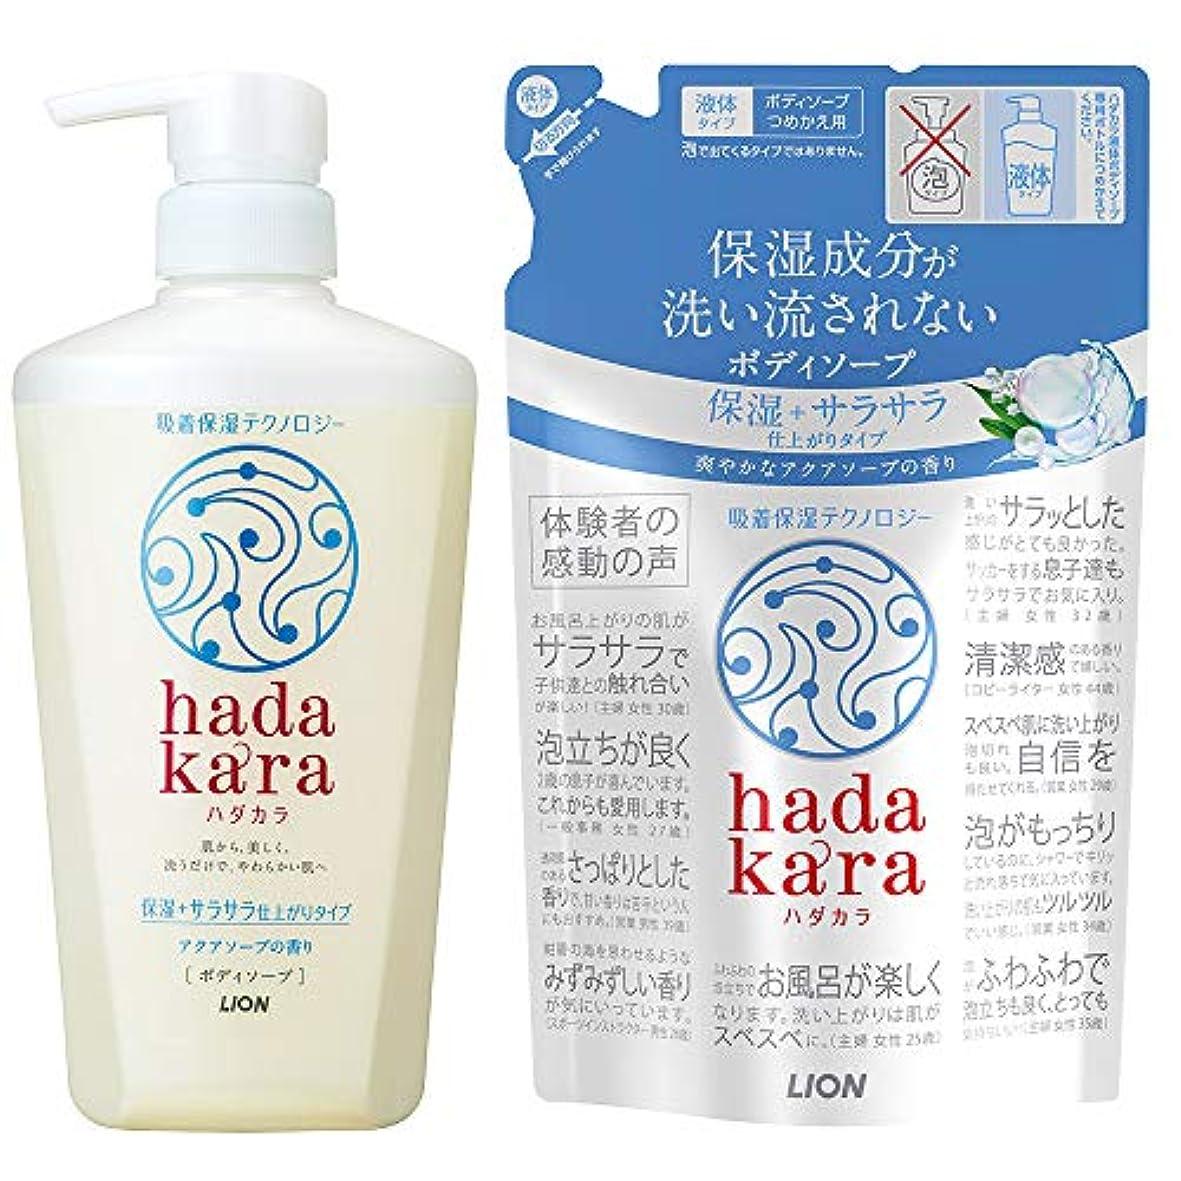 ディベート簡略化する瞬時にhadakara(ハダカラ)ボディソープ 保湿+サラサラ仕上がりタイプ アクアソープの香り 本体 480ml + つめかえ 340ml